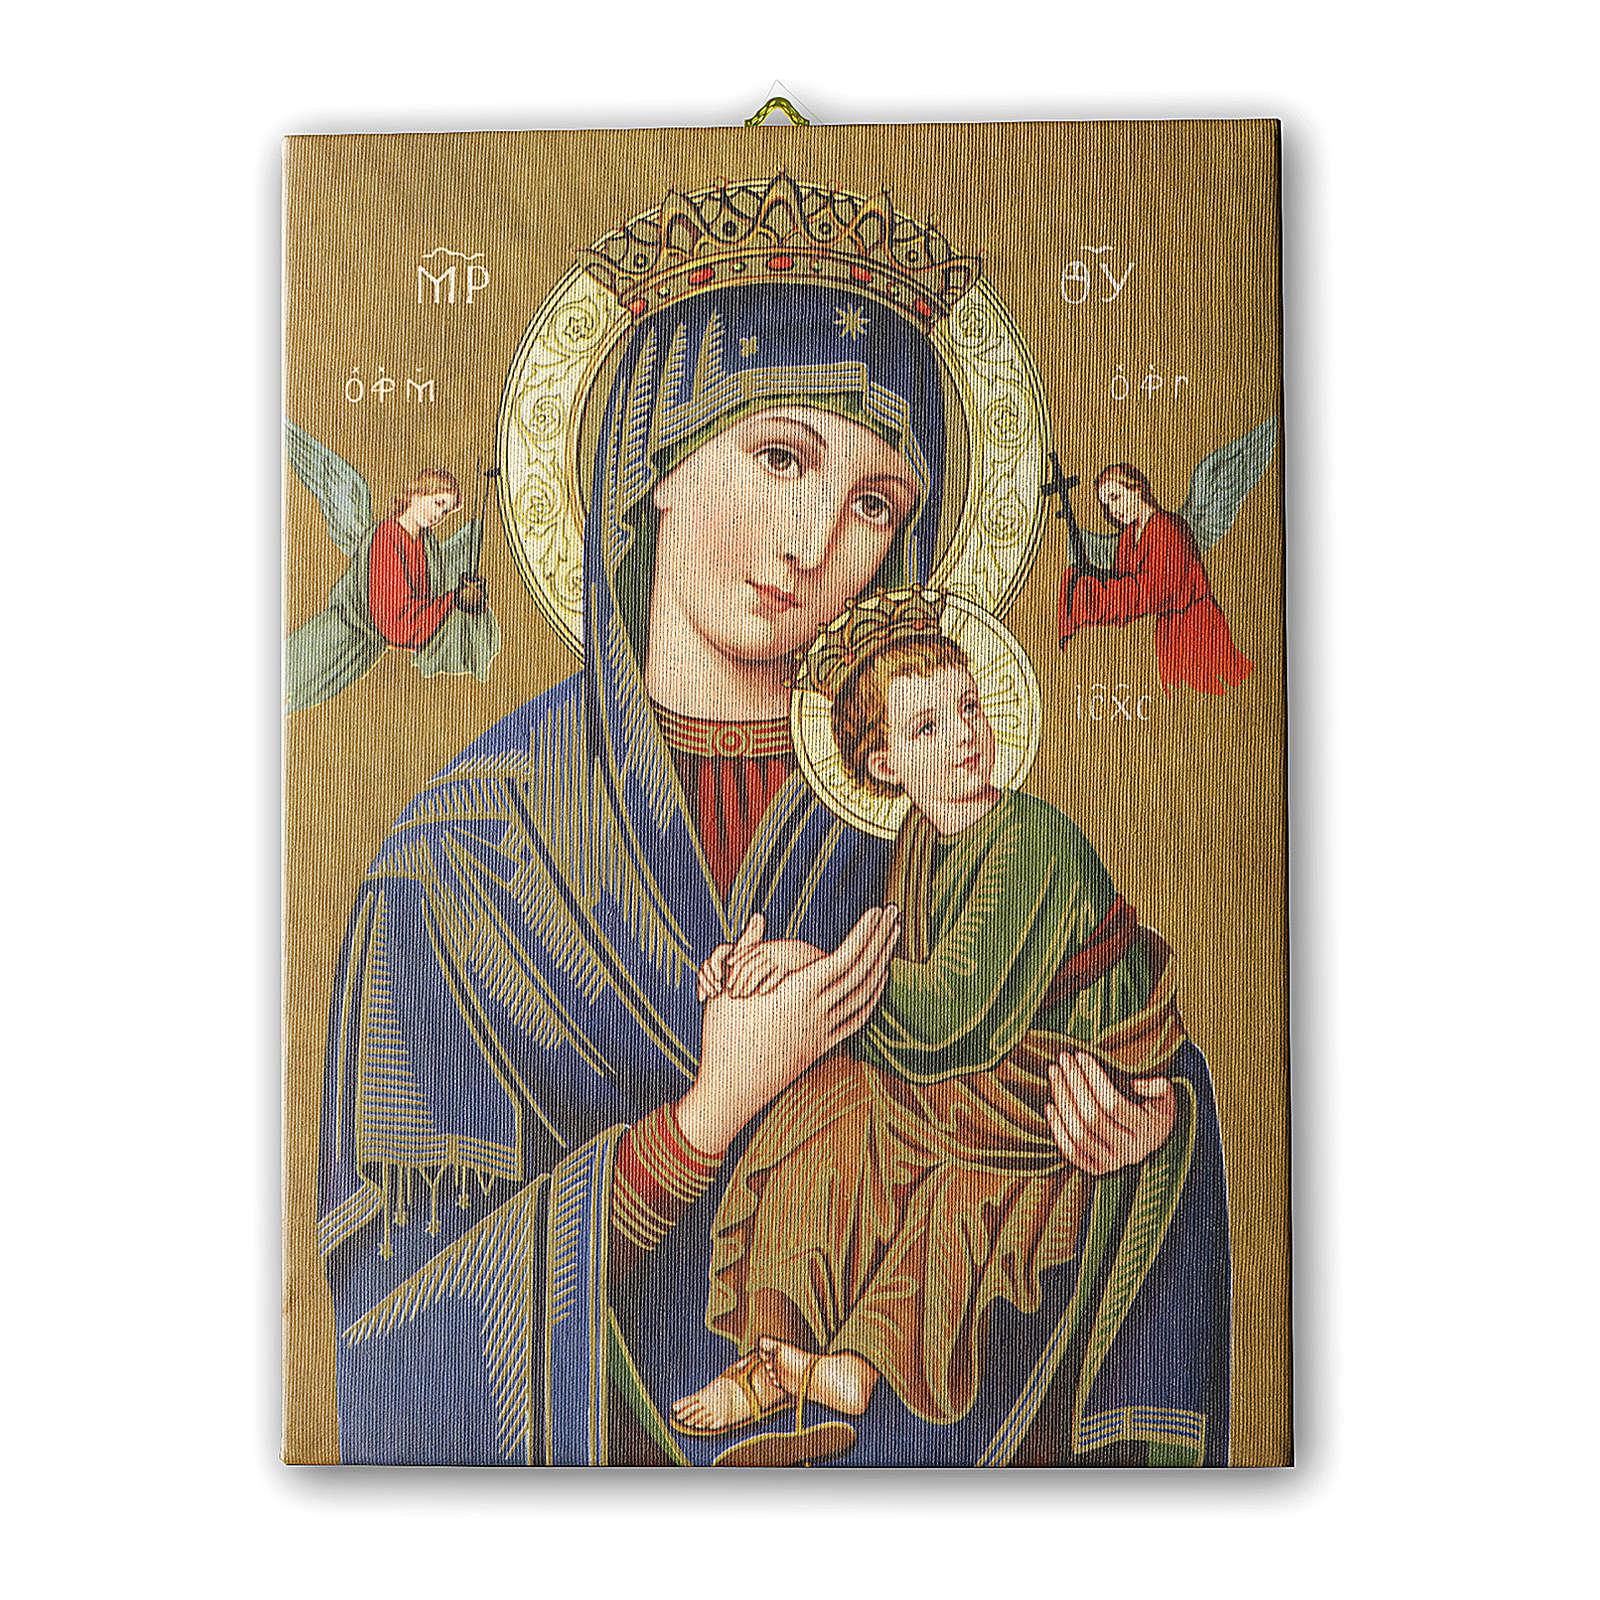 Cuadro sobre tela pictórica Virgen del Perpetuo Socorro 25x20 cm 3